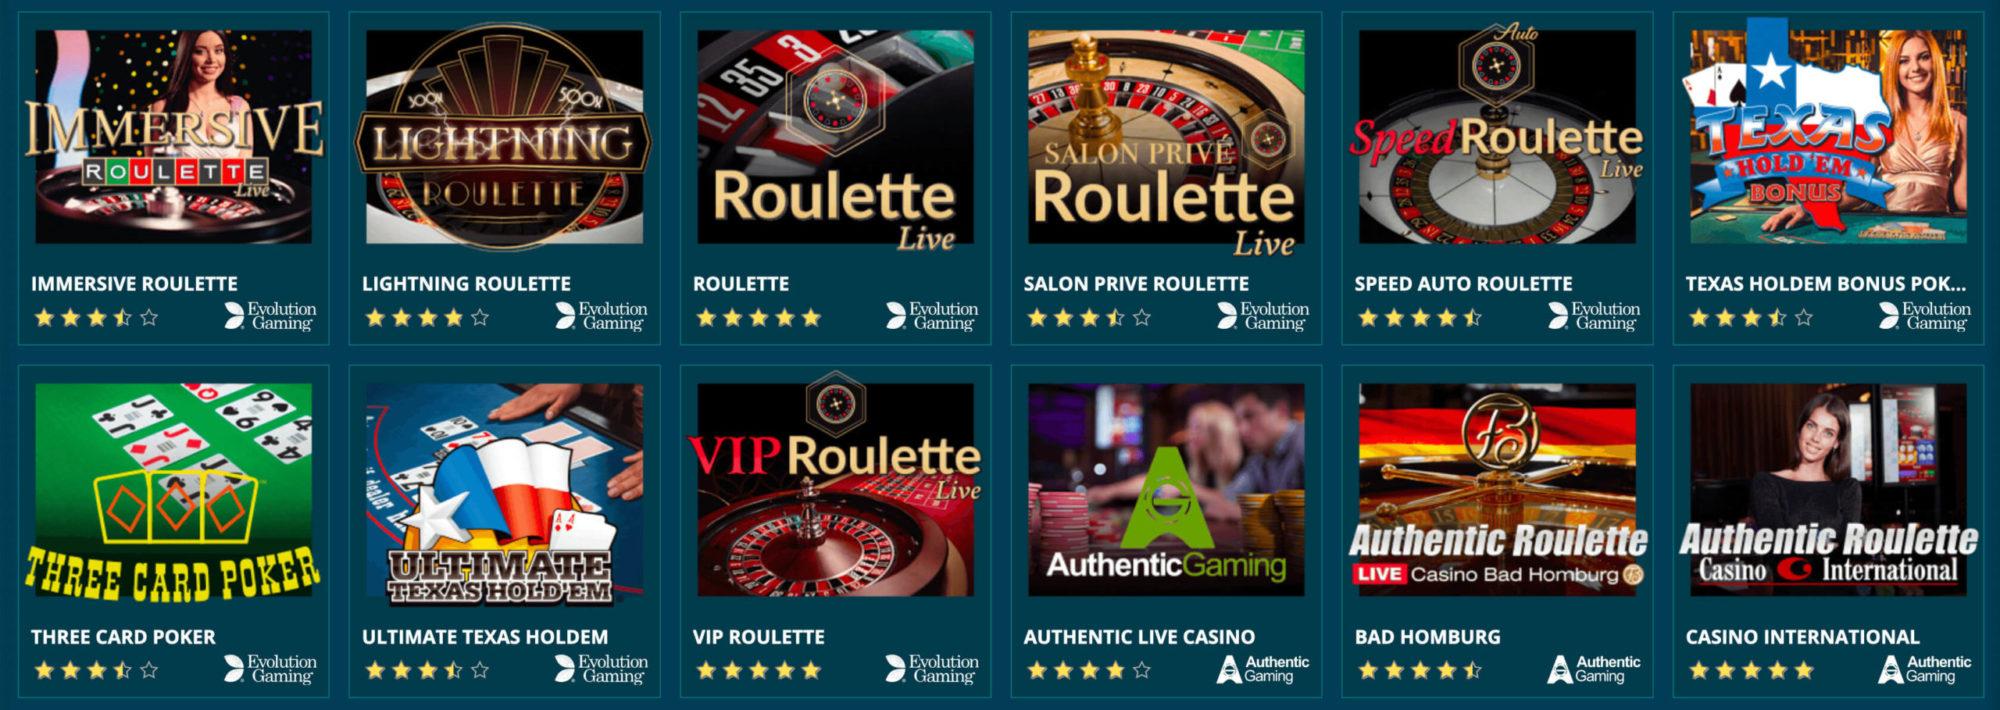 Casinospiele im Platincasino